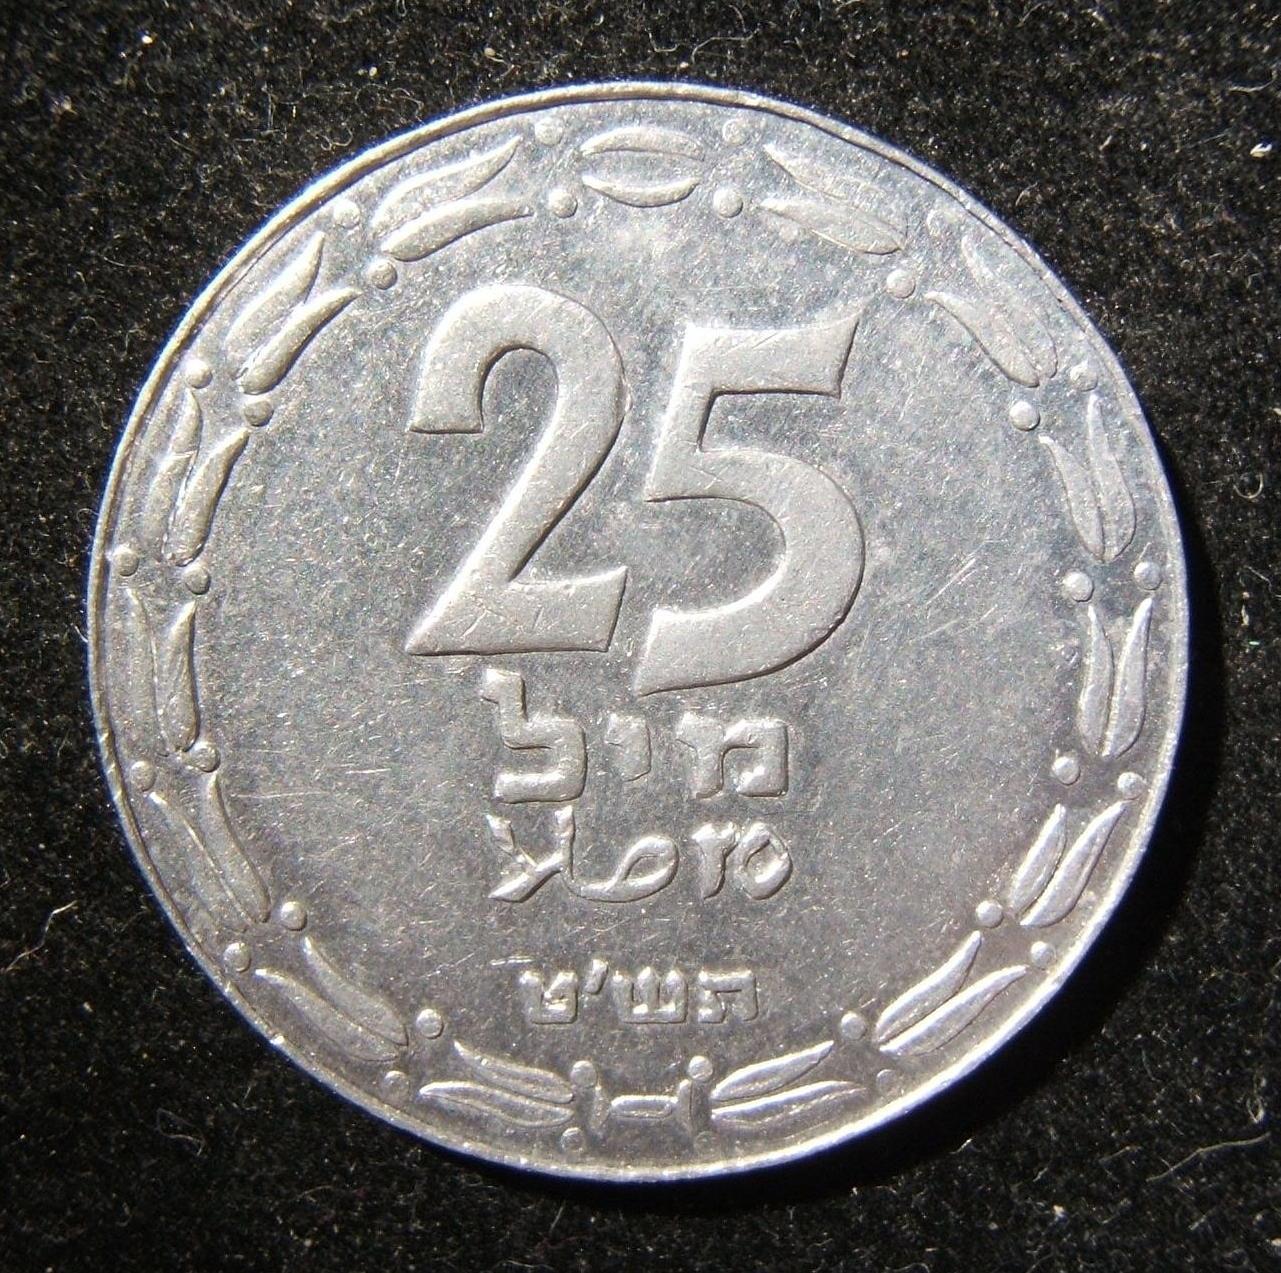 ישראל: מטבע של 25 מיל, 1949 הנפקה בקישור פתוח באלומיניום; במצב EF-AU. בלייה קלה מאוד, מעט שריטות וגימור עמום ונאה; מקדימה מסגרת חרוזים מלאה - מעטים מאוד שכאלה.